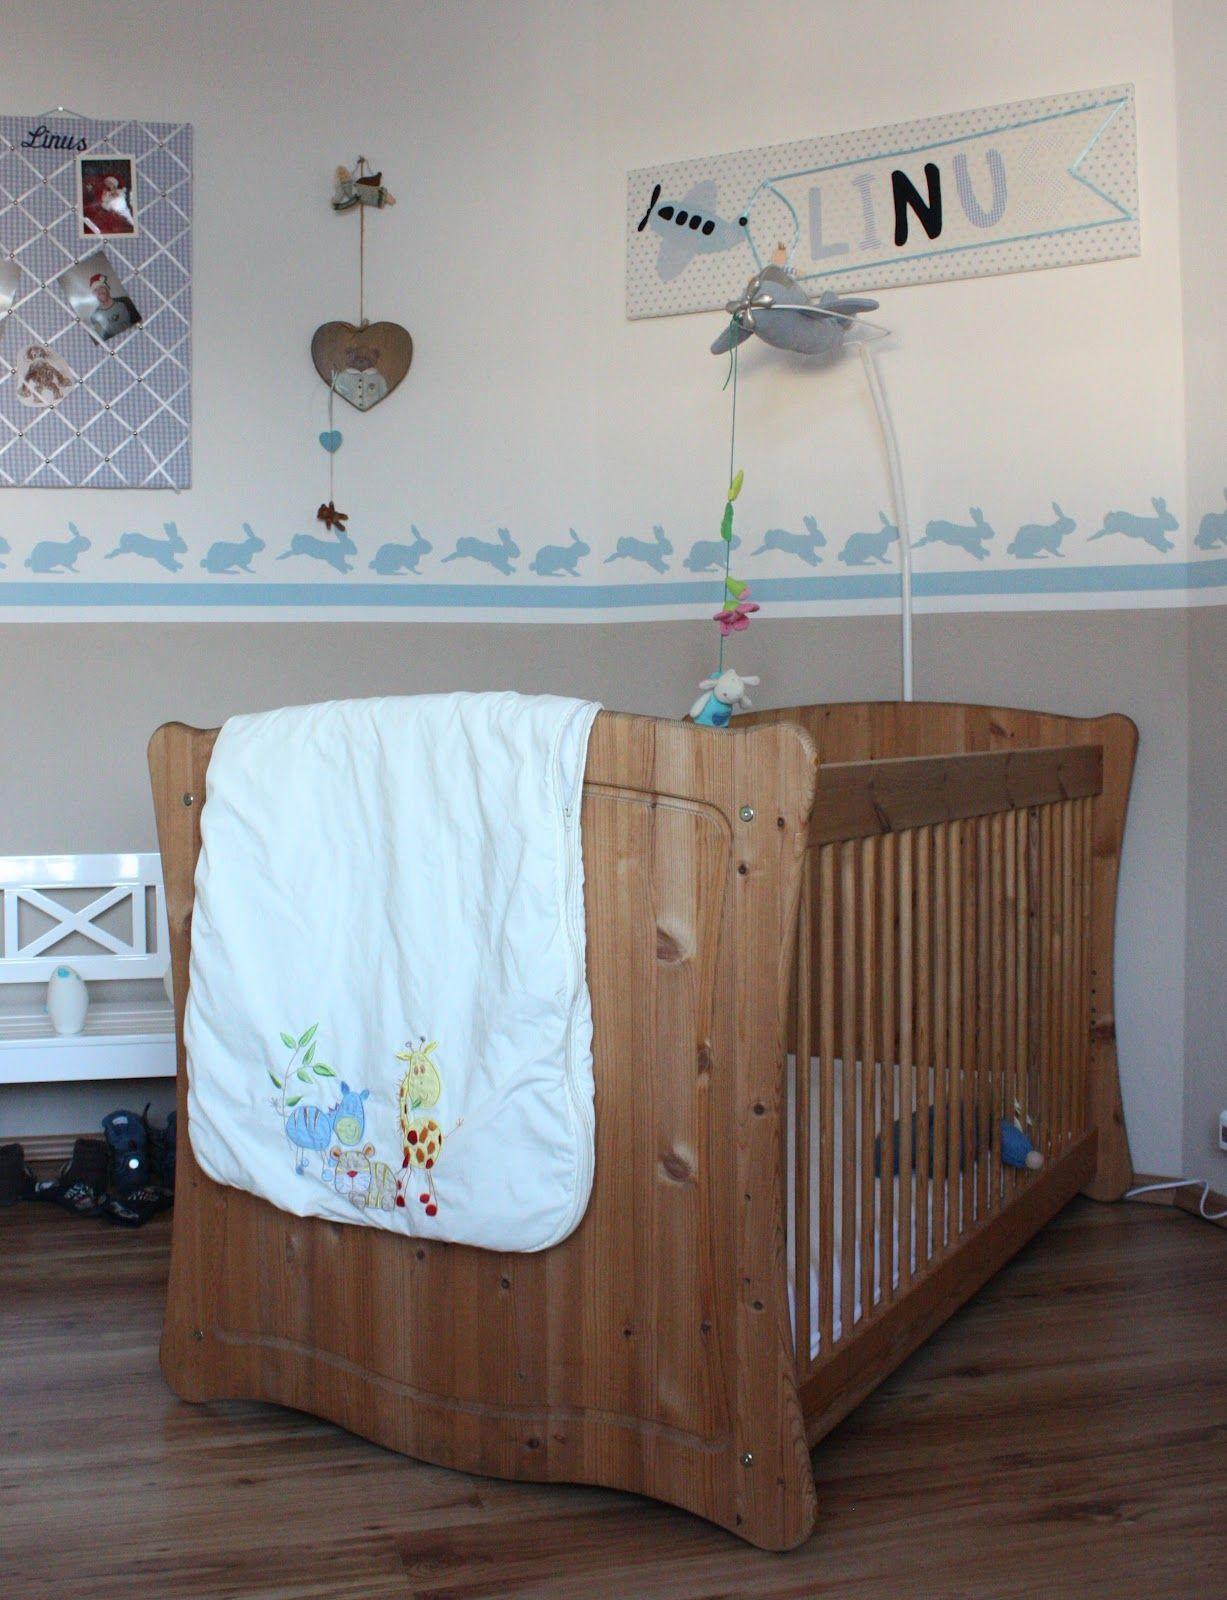 Deko kinderzimmer wanddekoration holzeinzel grau sol es ist sehr s aber wird durch - Wanddekoration kinderzimmer ...